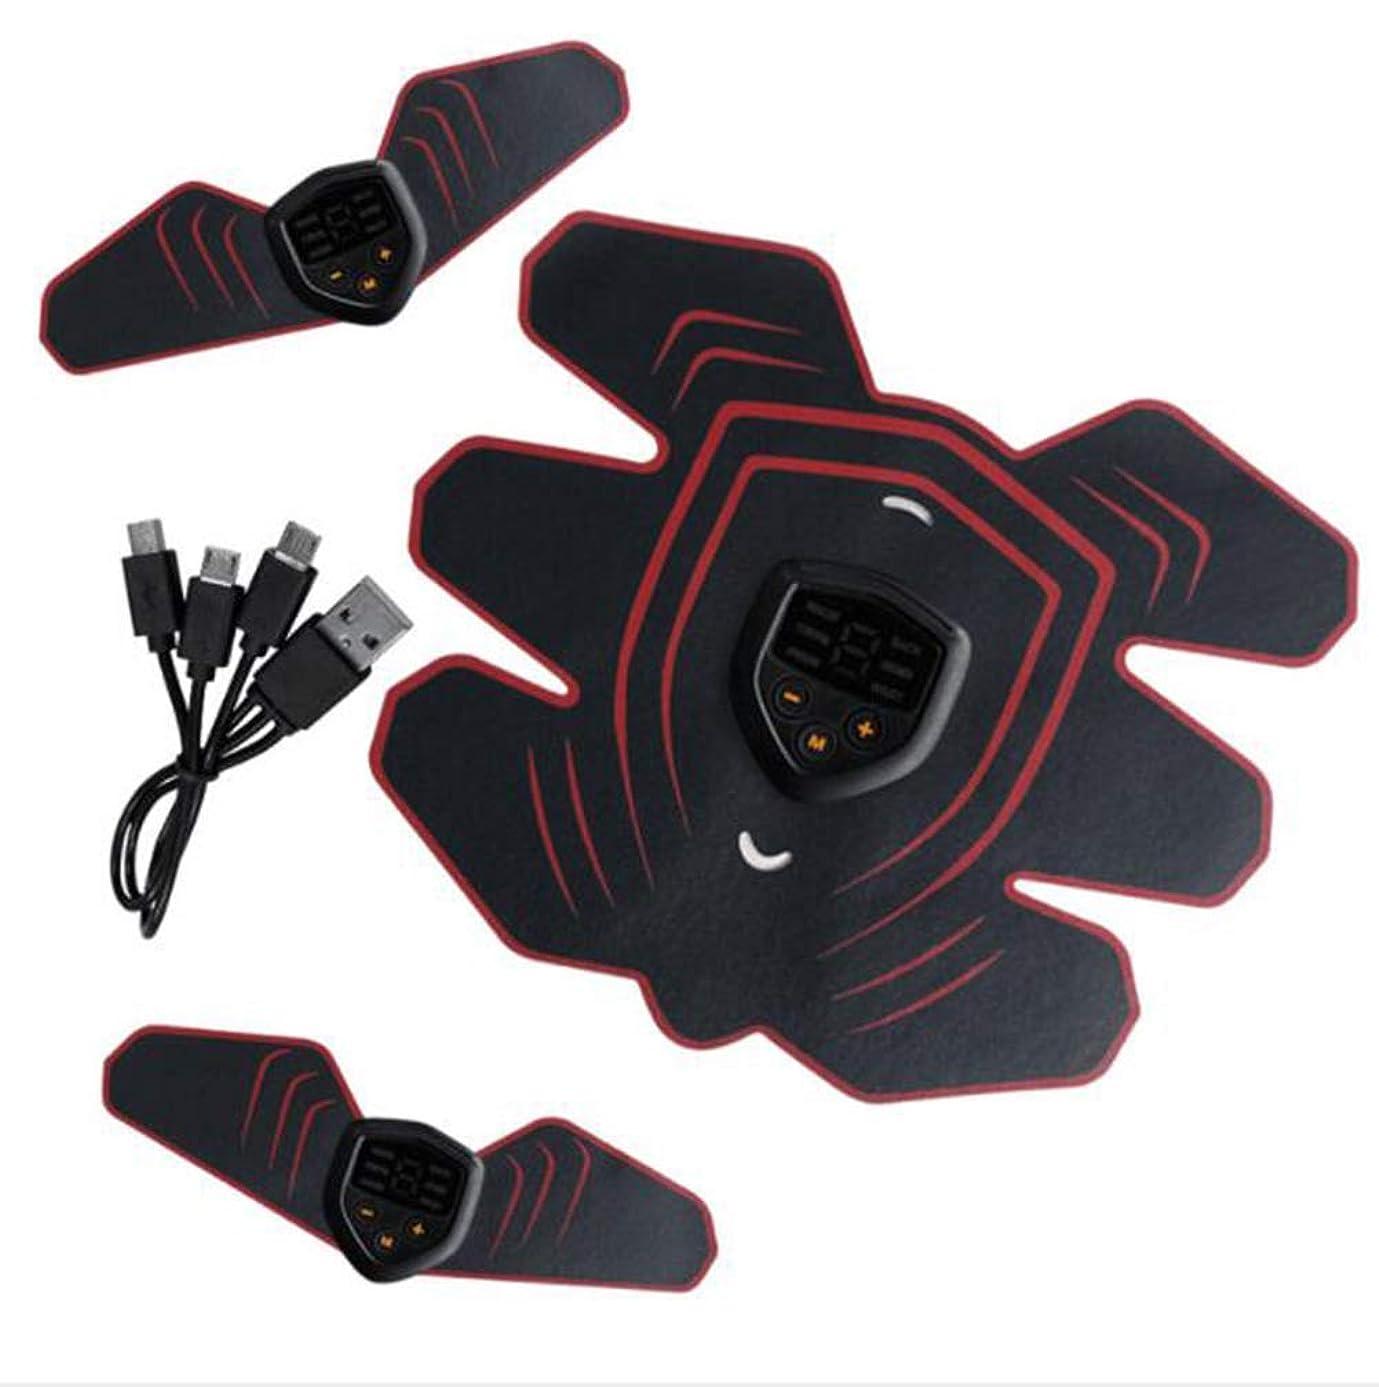 出力保証扇動GWM 腹部マッサージ筋肉エクササイザ、EMS腹筋筋トレーナ筋肉刺激装置電子筋トレーナー腹部ベルト男性と女性のスマートフィットネス(赤)